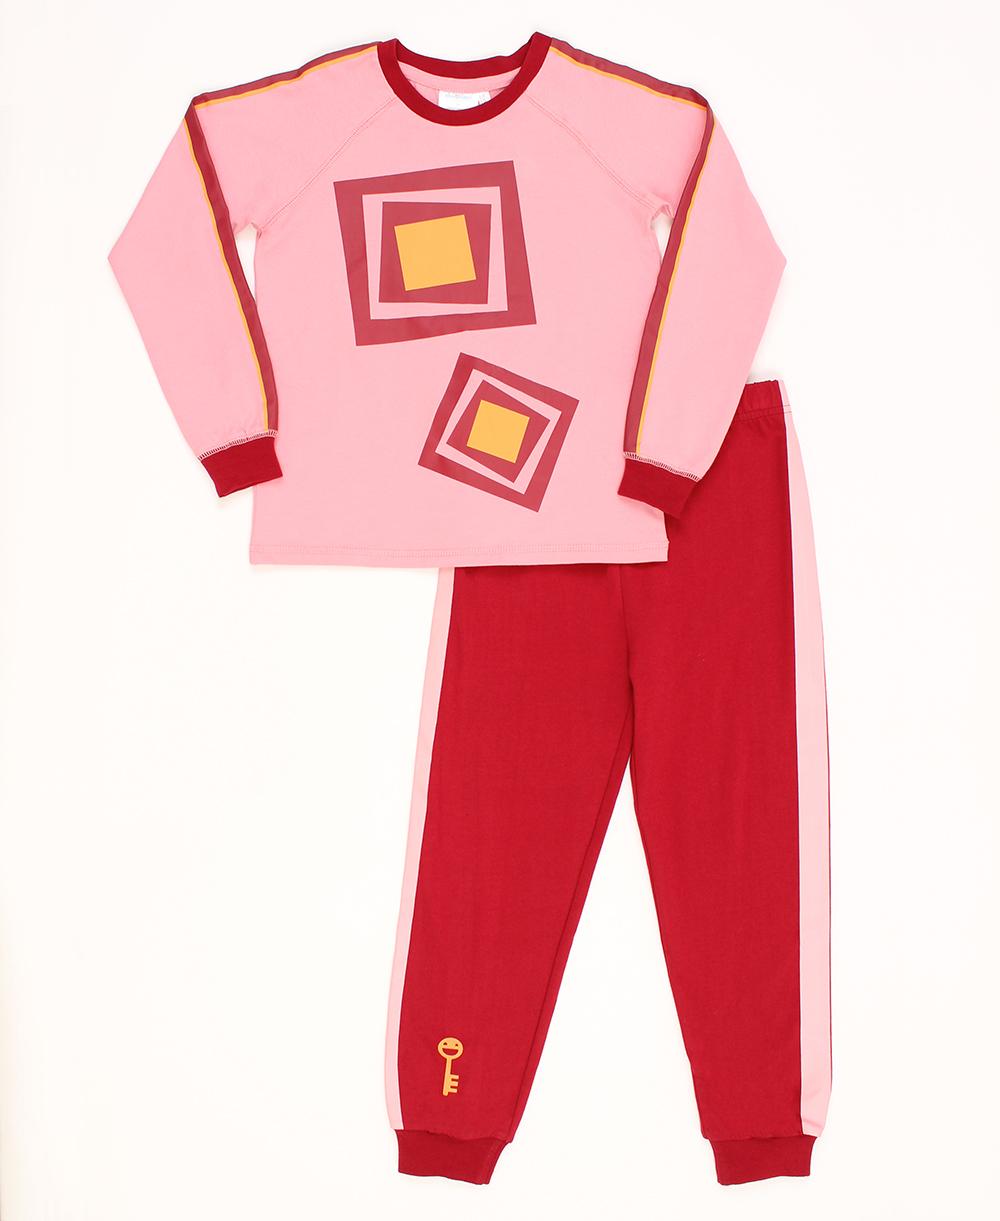 Passe-Partout - Pyjama Passe-Carreau 7-8 ans